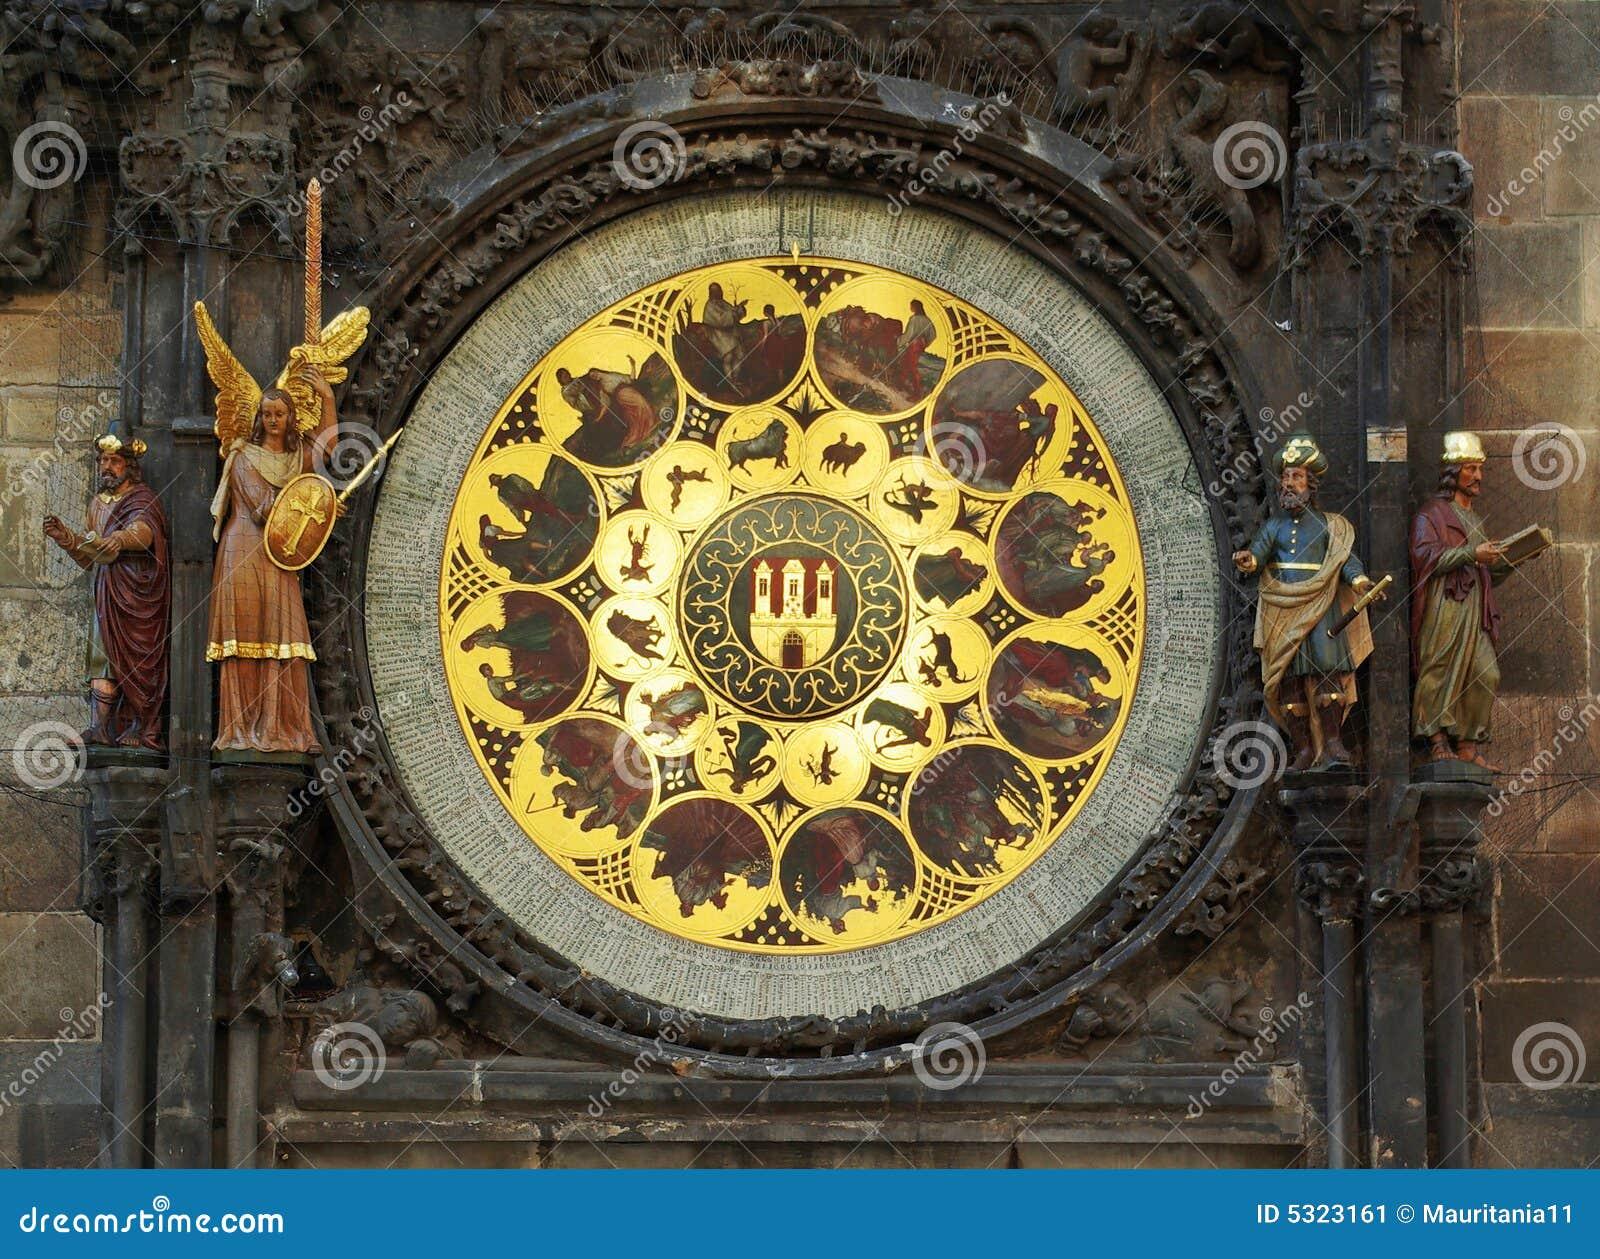 Download Orologio zodiacale a Praga immagine stock. Immagine di città - 5323161